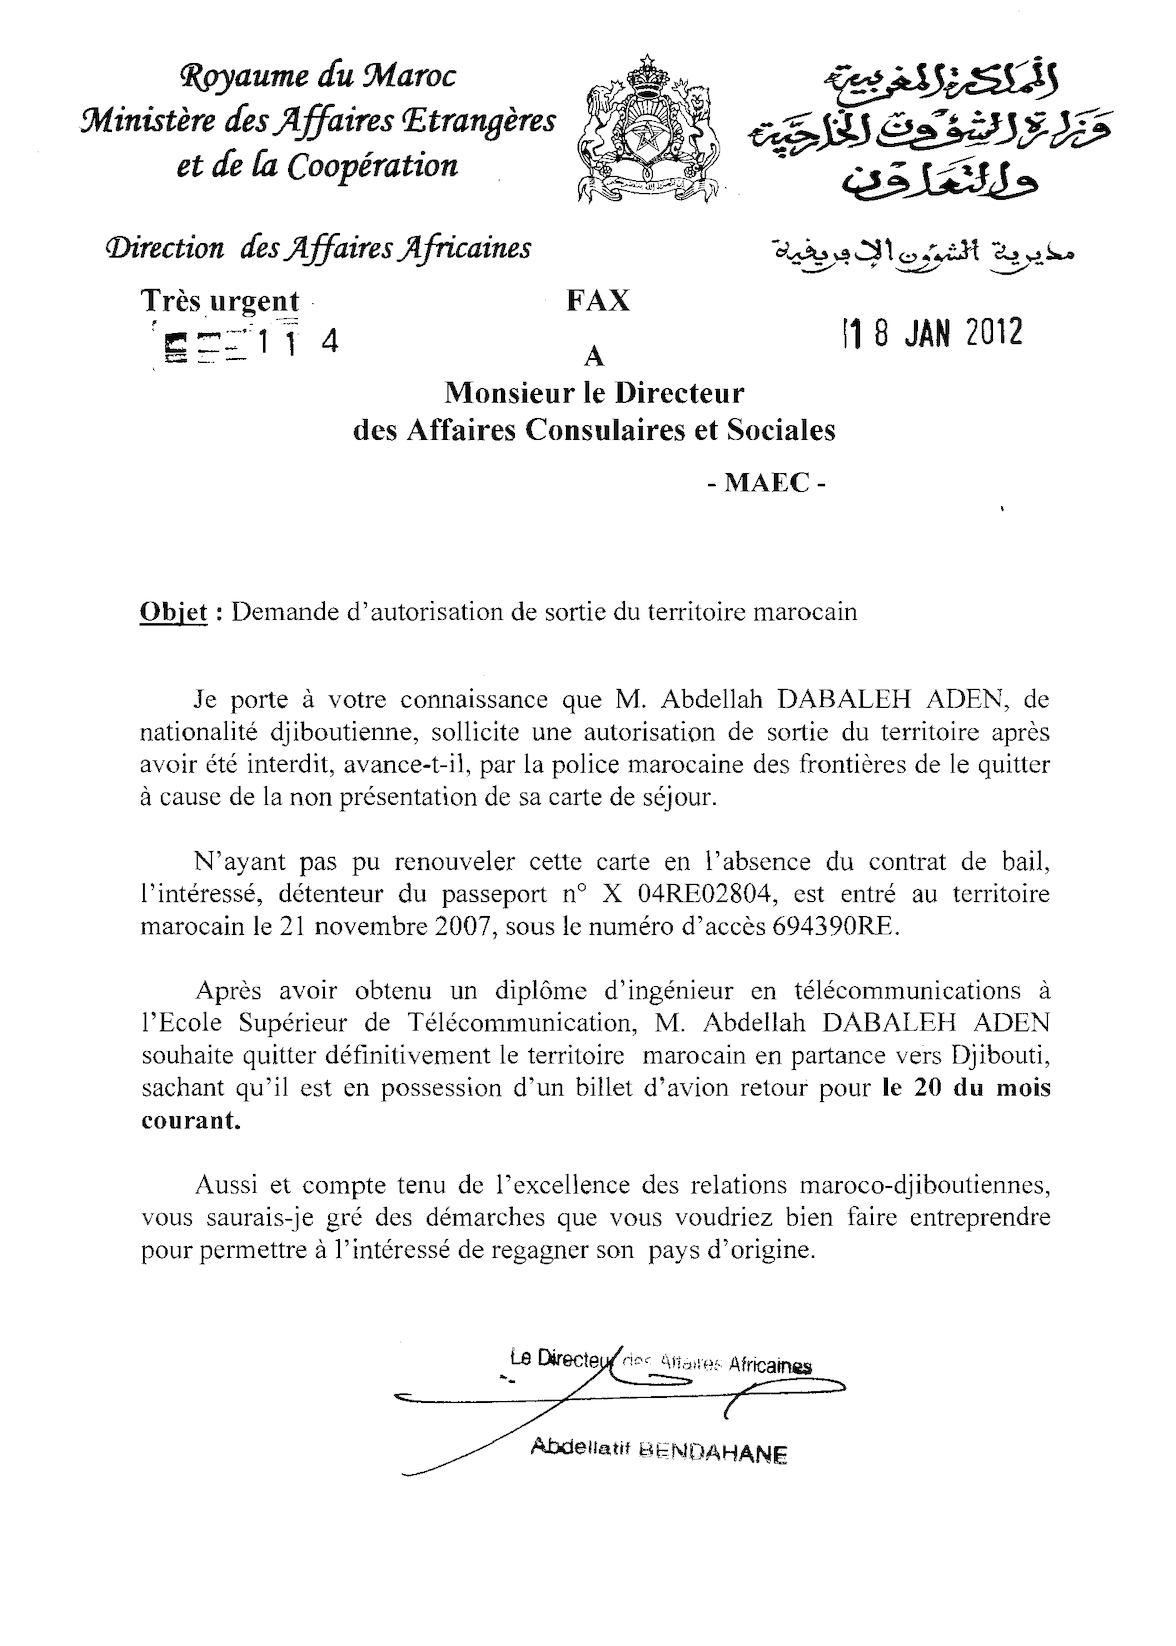 18 01 12, DACS, étudiants Djiboutien